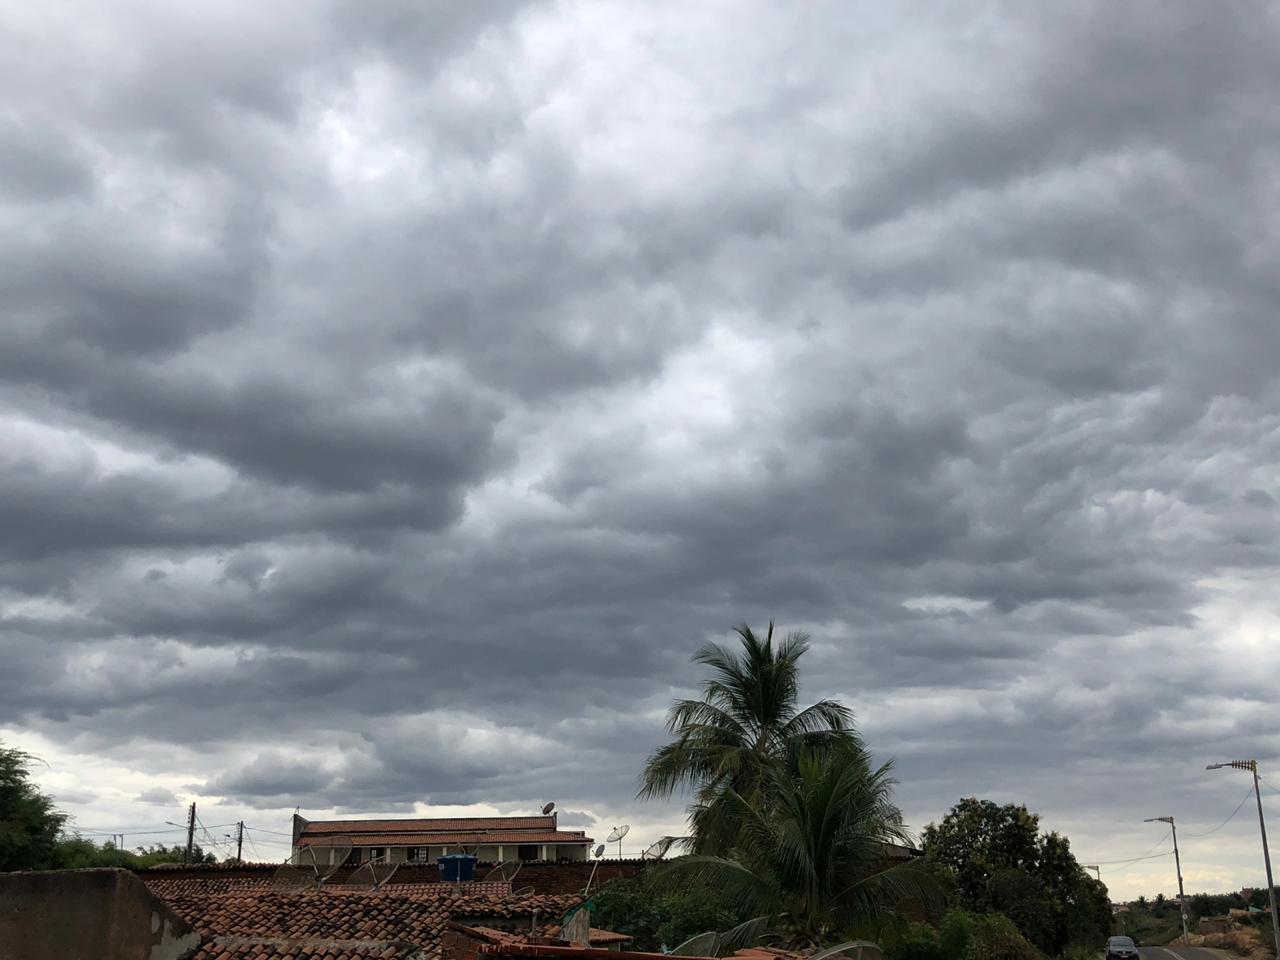 SUl do Ceará apresenta, neste momento, maior nebulosidade em relação às demais áreas do Ceará (FOTO: Marciel Bezerra)